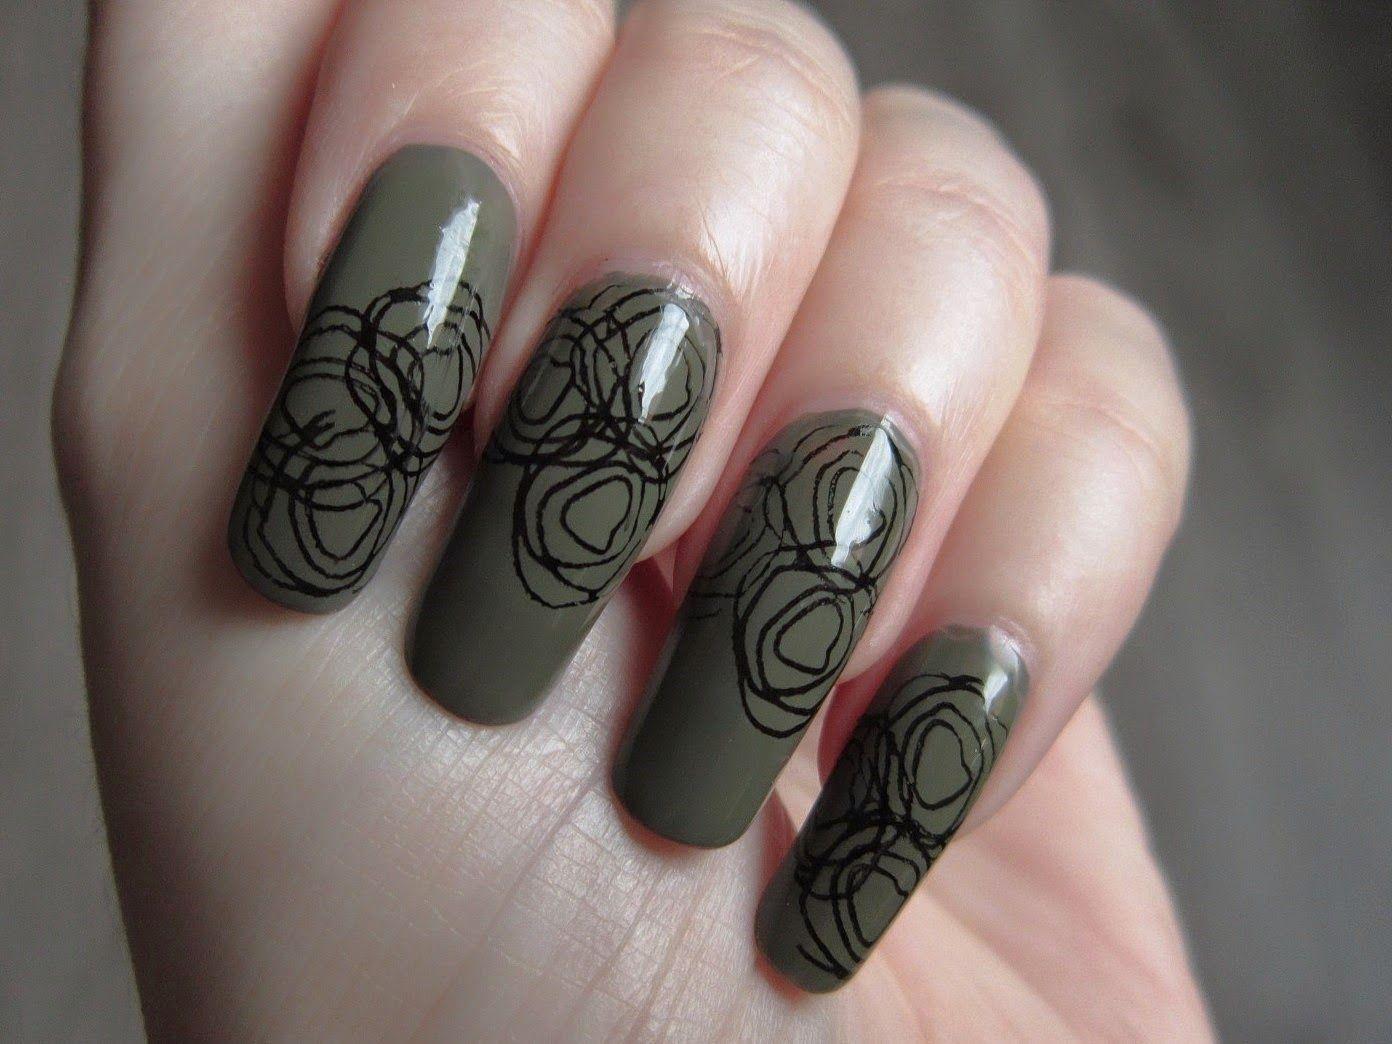 Sephora Game Over Nail Polish Stamping Stamp Plate Qa44 From Ebay Nails Nail Art Nail Polish